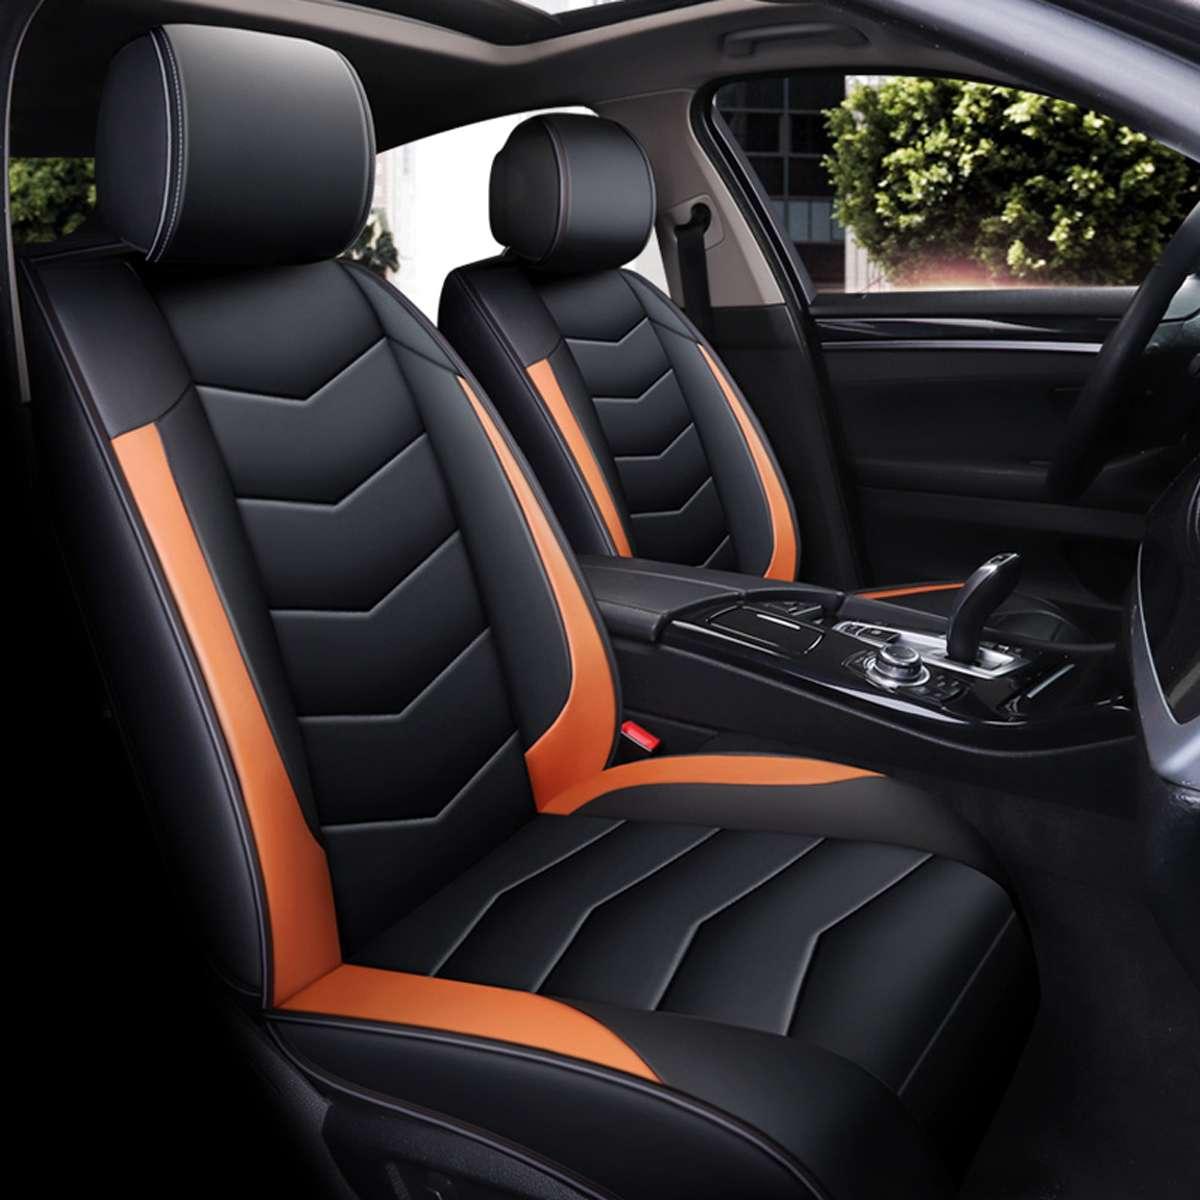 Universal PU รถหนัง BMW รถ Peugeot อุปกรณ์เสริมที่นั่งด้านหน้าสำหรับรถที่นั่ง- จัดแต่งทรงผม